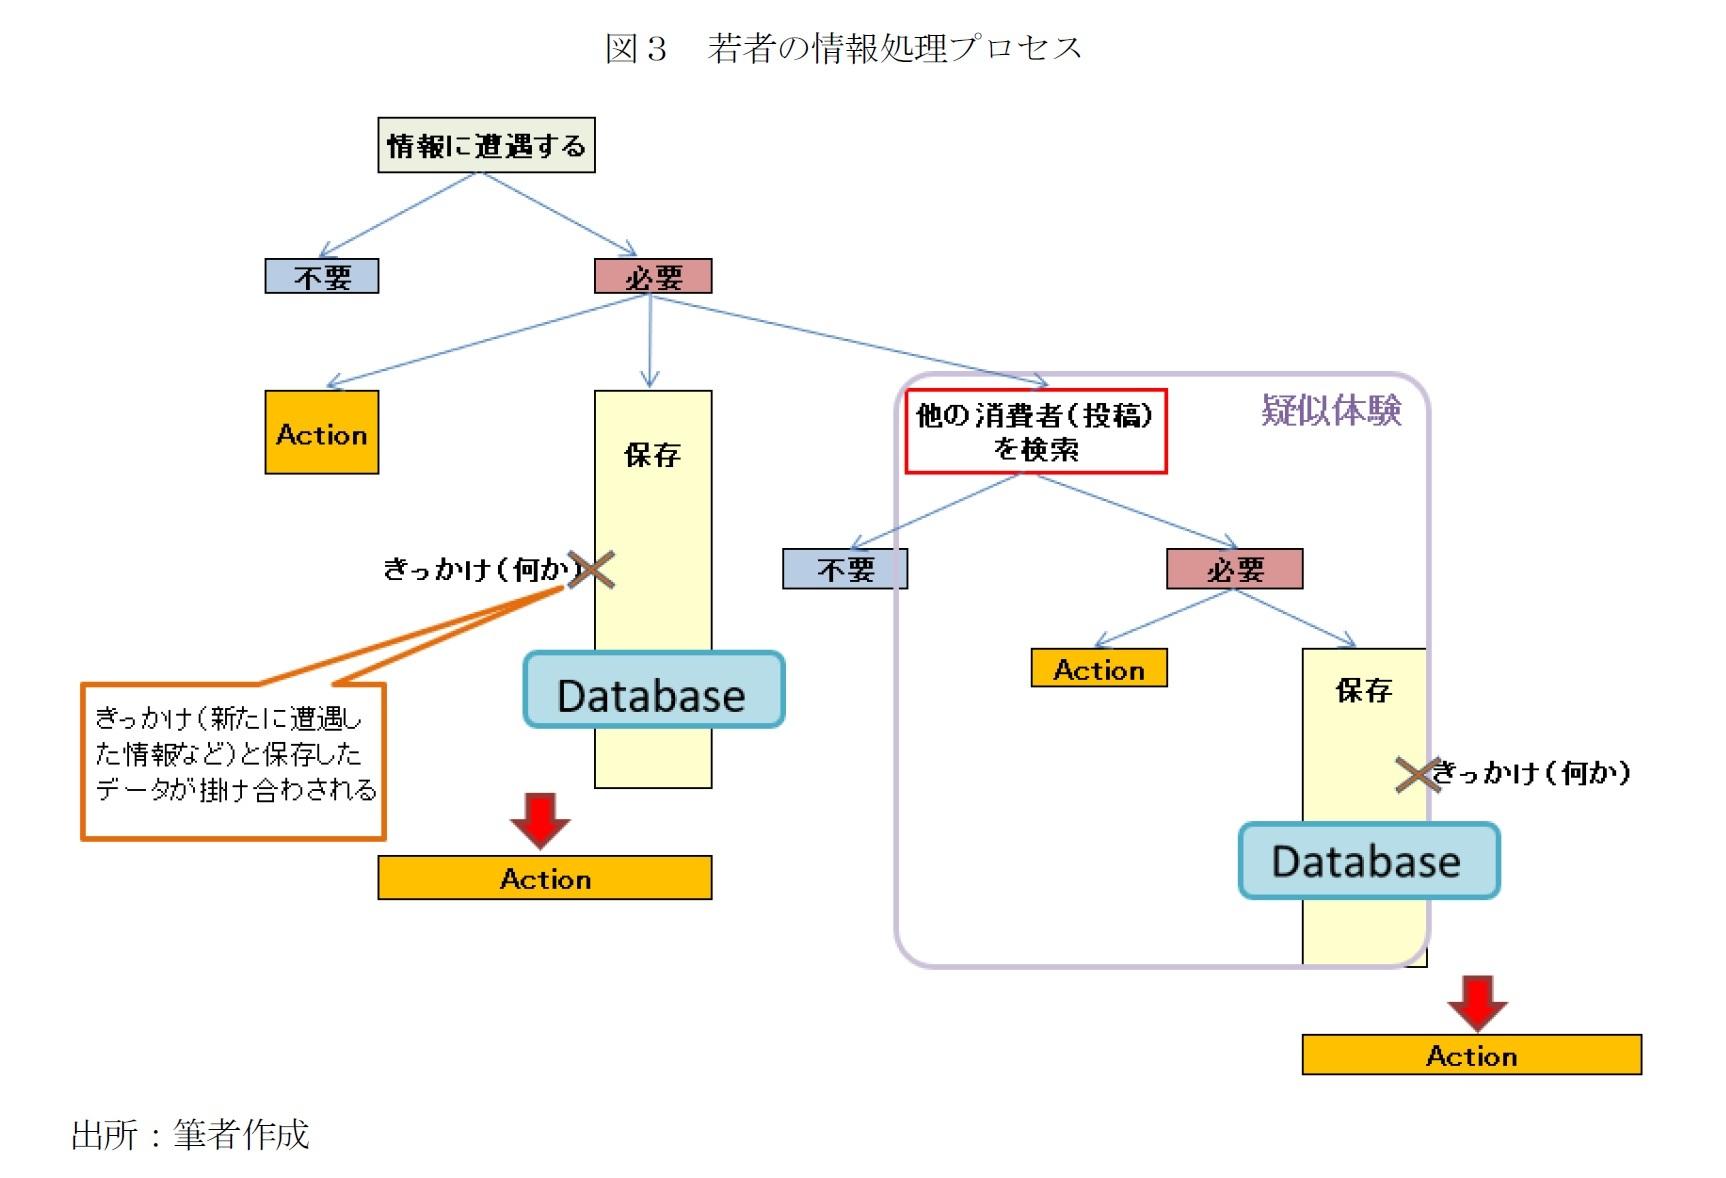 図3 若者の情報処理プロセス